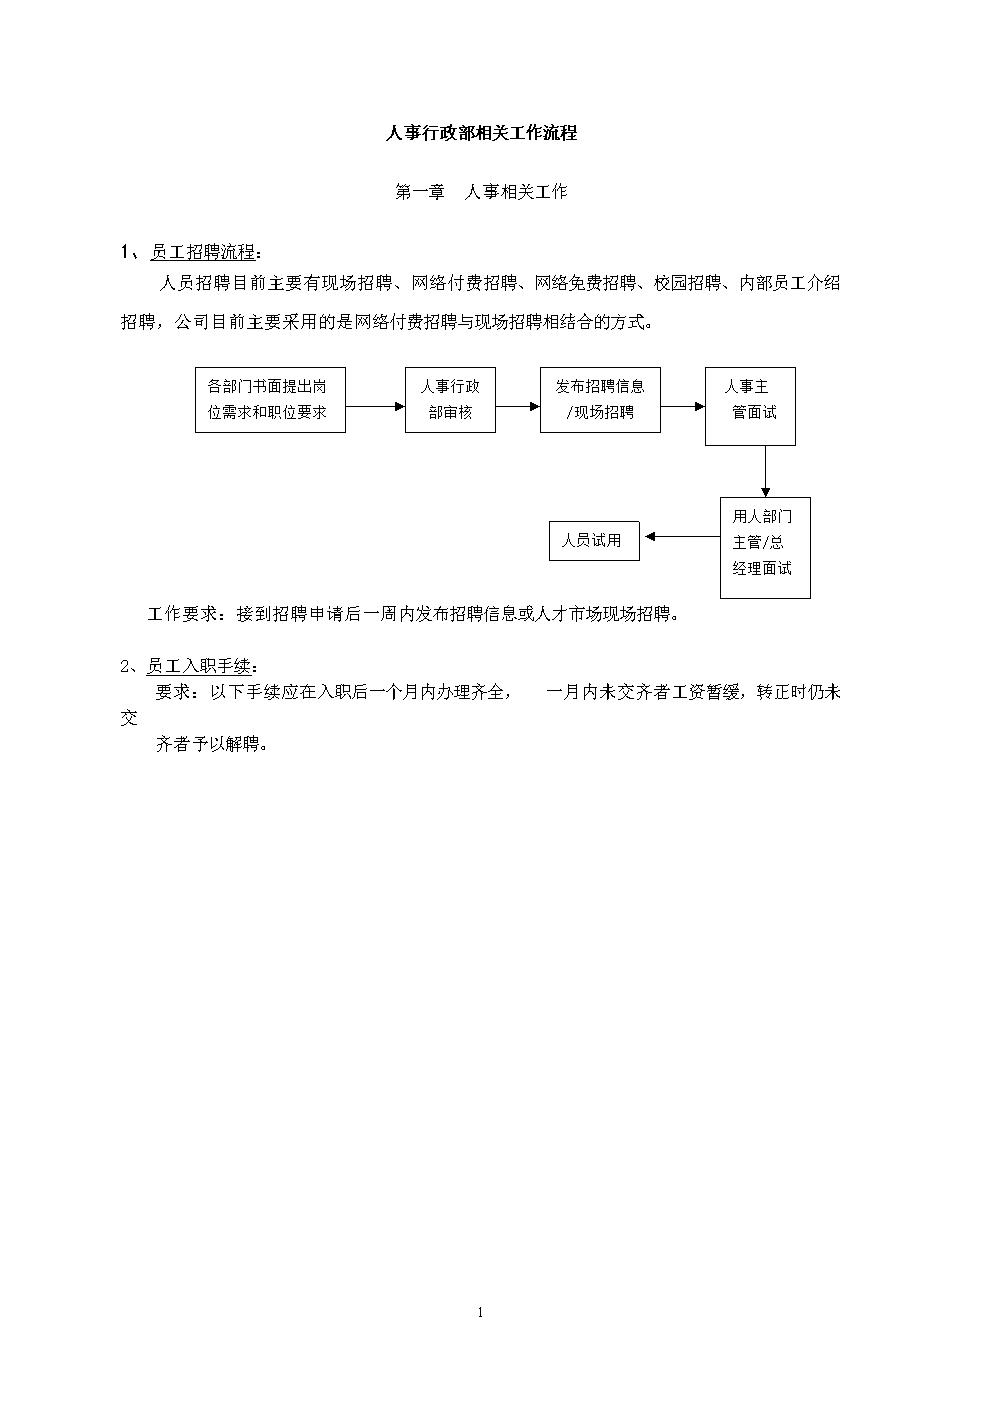 人事行政部工作流程(详细版).doc